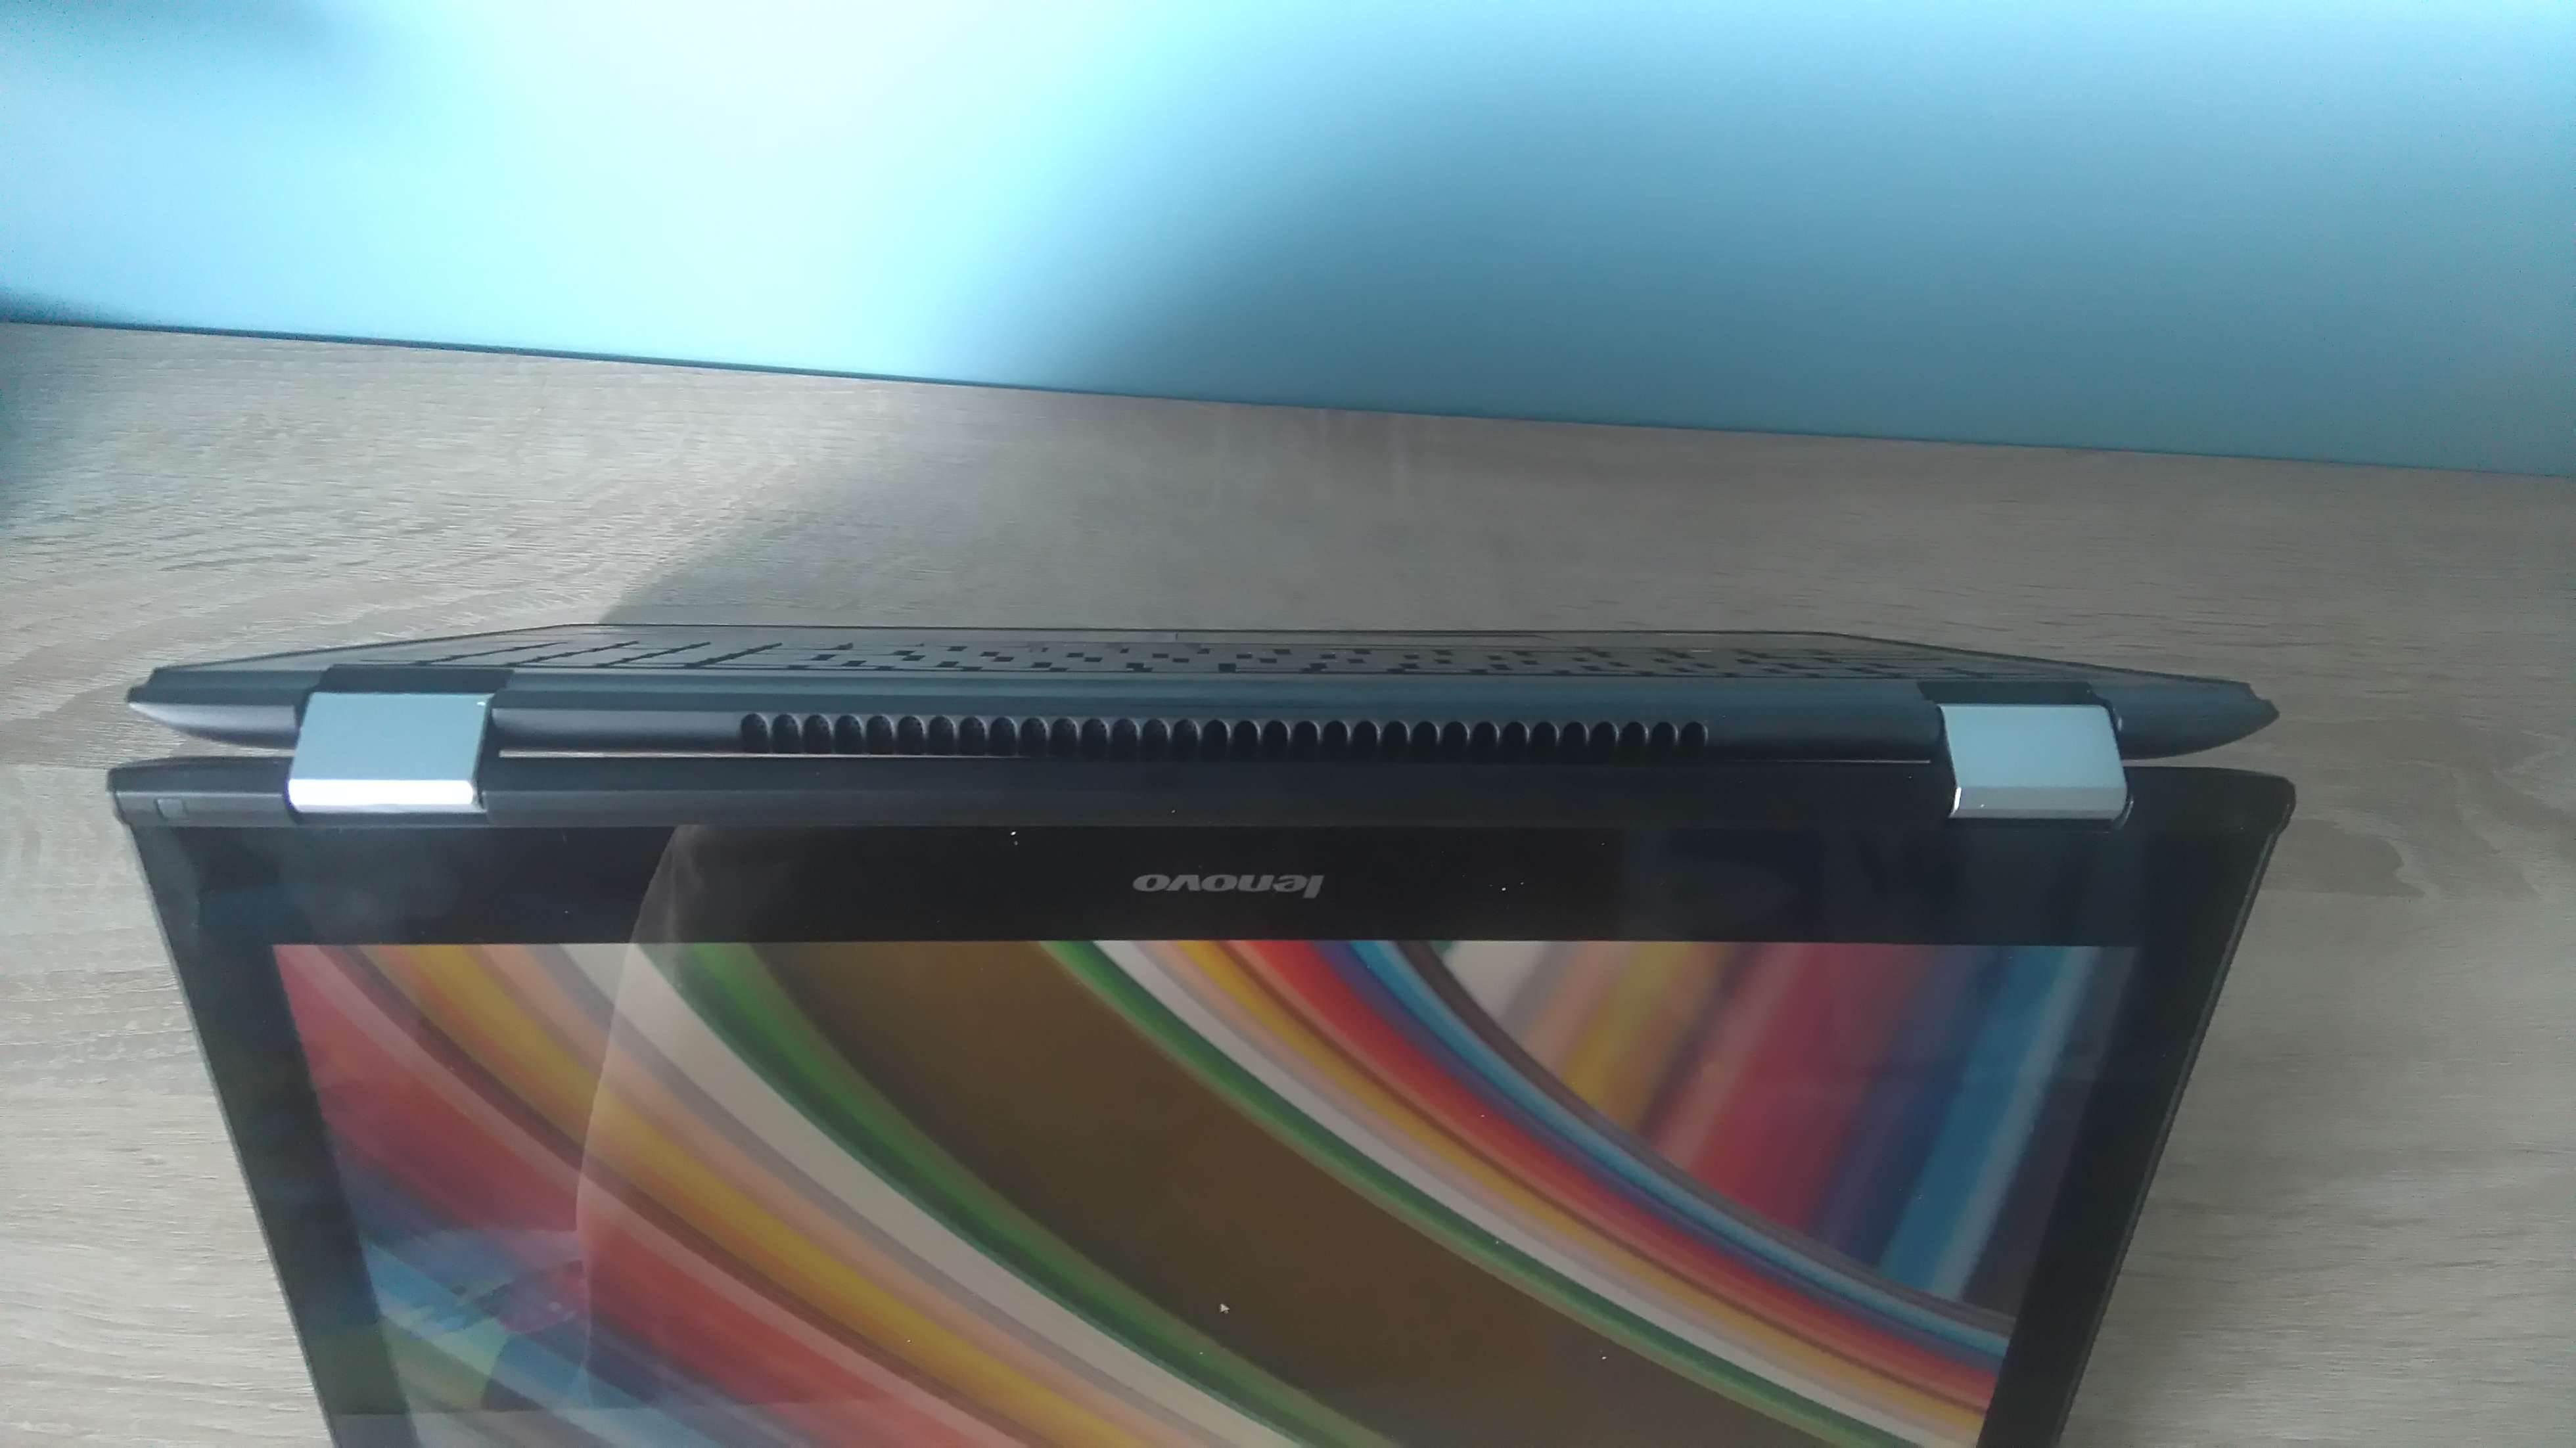 Lenovo YOGA 500 - recenzja urządzenia recenzje, polecane zalety, yoga 500, właściwości, wadyz, wady, Specyfikacja, recenzja Lenovo YOGA 500, polska recenzja Lenovo YOGA 500, Lenovo YOGA 500, lenovo, laptop Lenovo YOGA 500, jak działa Lenovo YOGA 500, czy warto kupić Lenovo YOGA 500, cena  Od ubiegłorocznych wakacji korzystam z 12 - calowego Chromebooka i ostatnio wpadłem na pomysł, aby wziąć do testów laptopa z Windowsem, więc padło na Lenovo YOGA 500.  DSC 0008 5